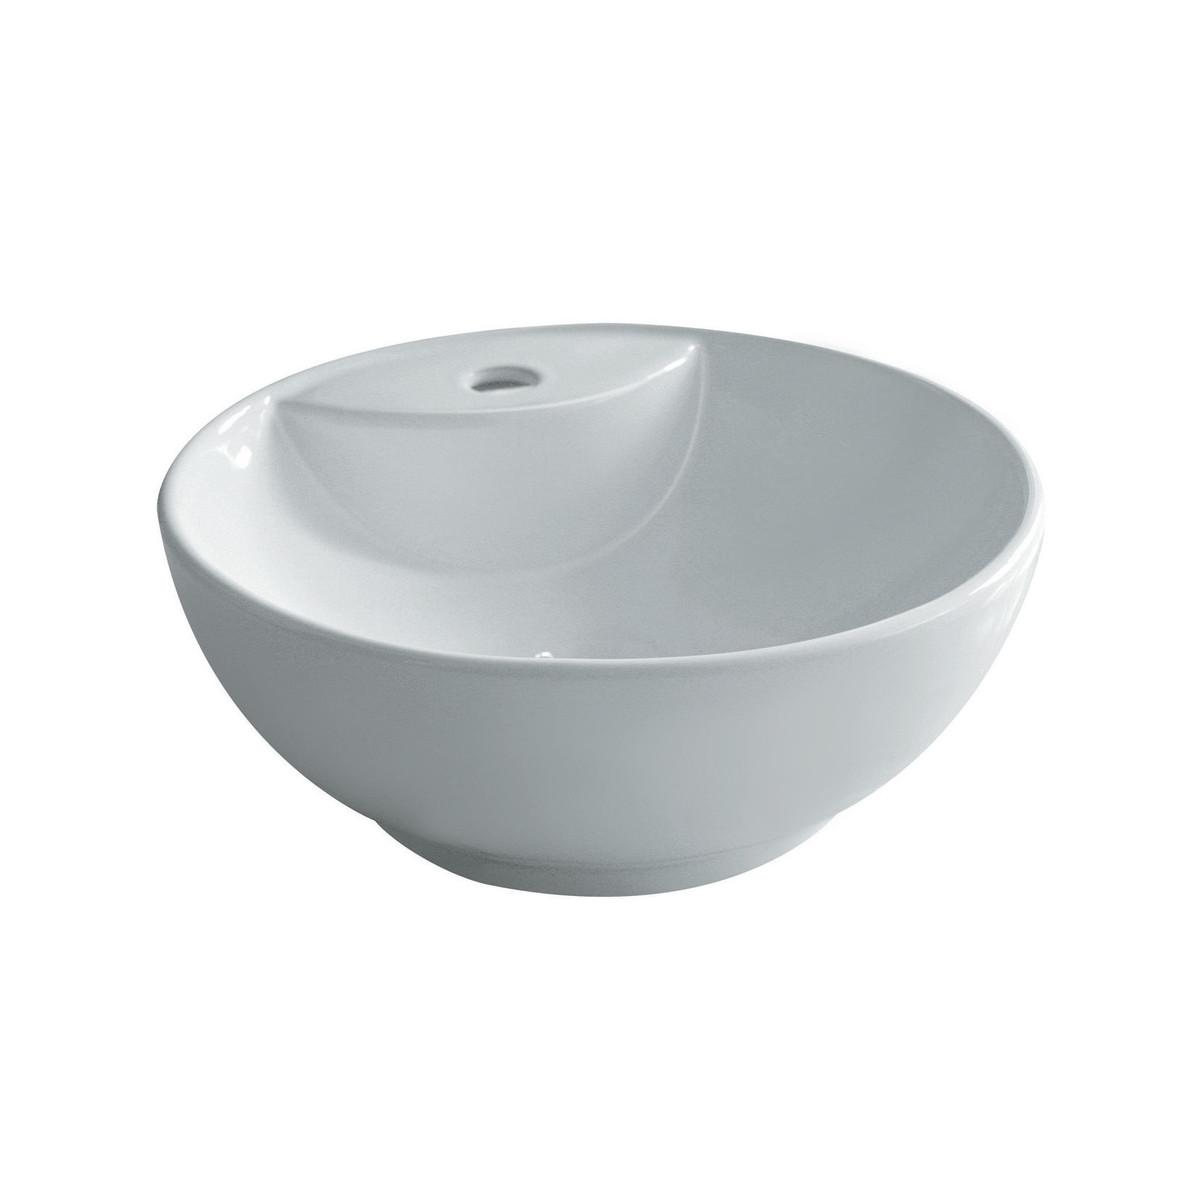 Lavabo design stoccolma appoggio ceramica prezzo e - Lavabo bagno leroy merlin ...